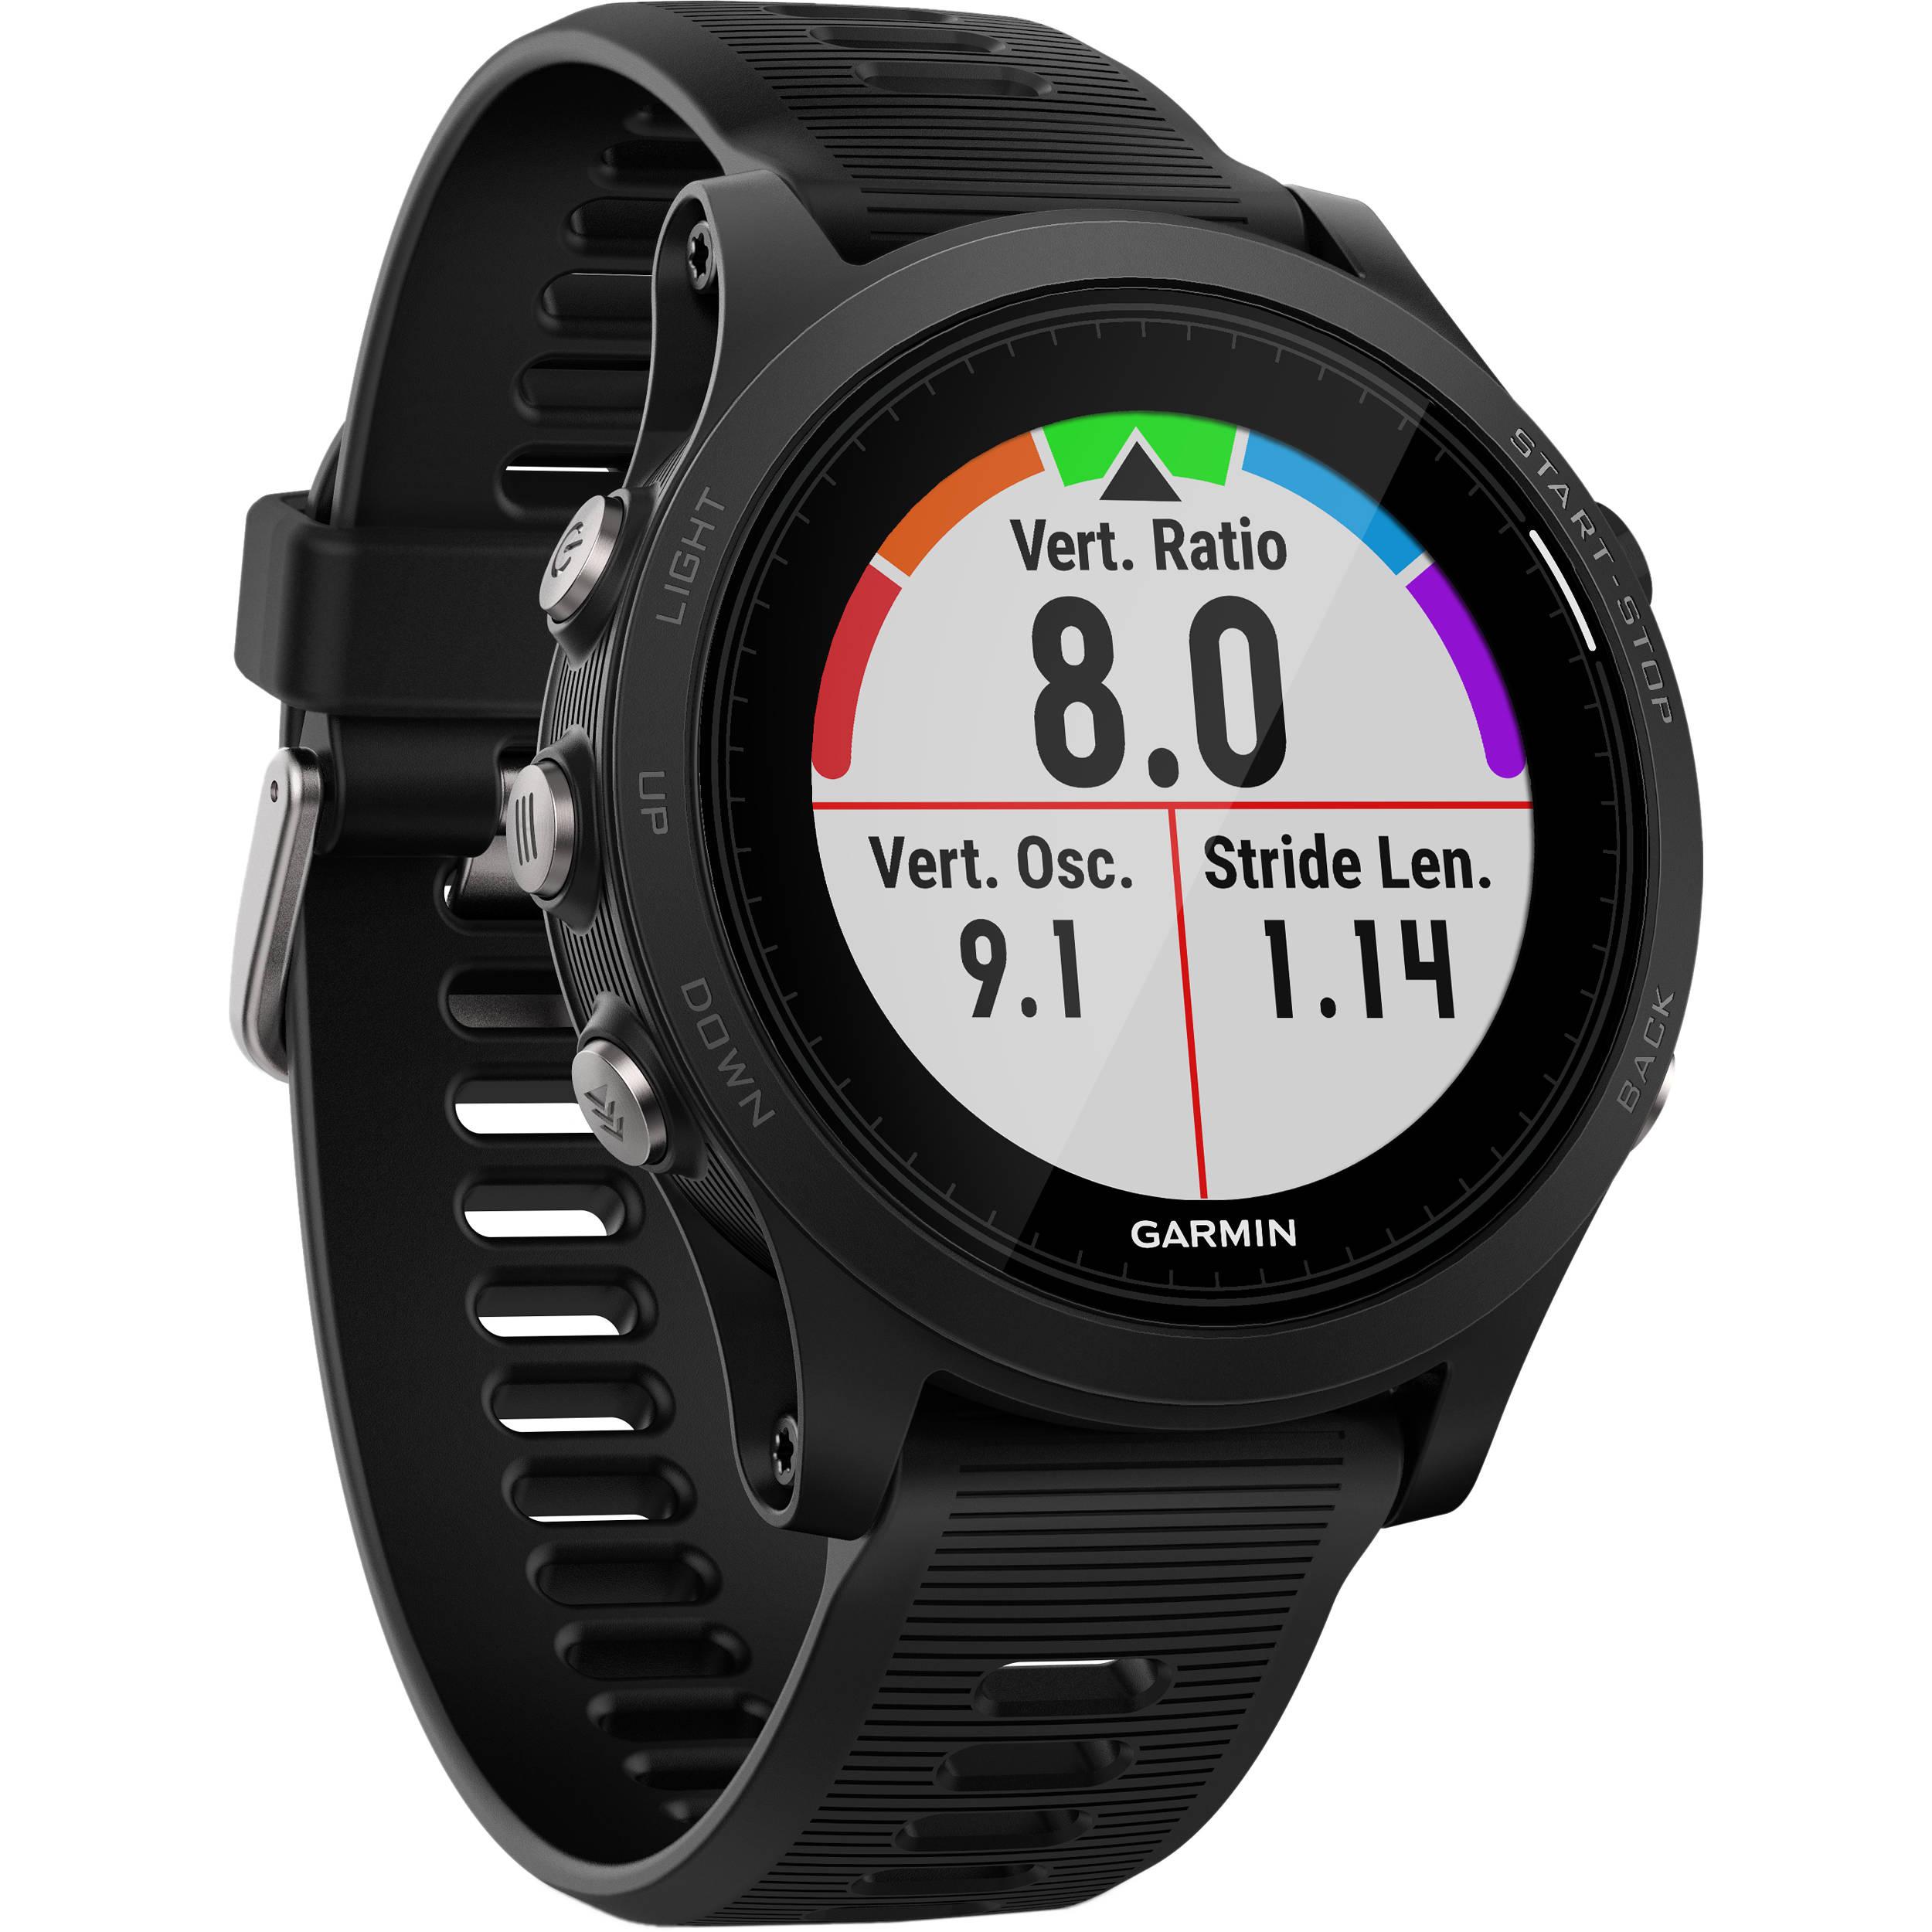 Garmin Forerunner 935 Sport Watch (Black)